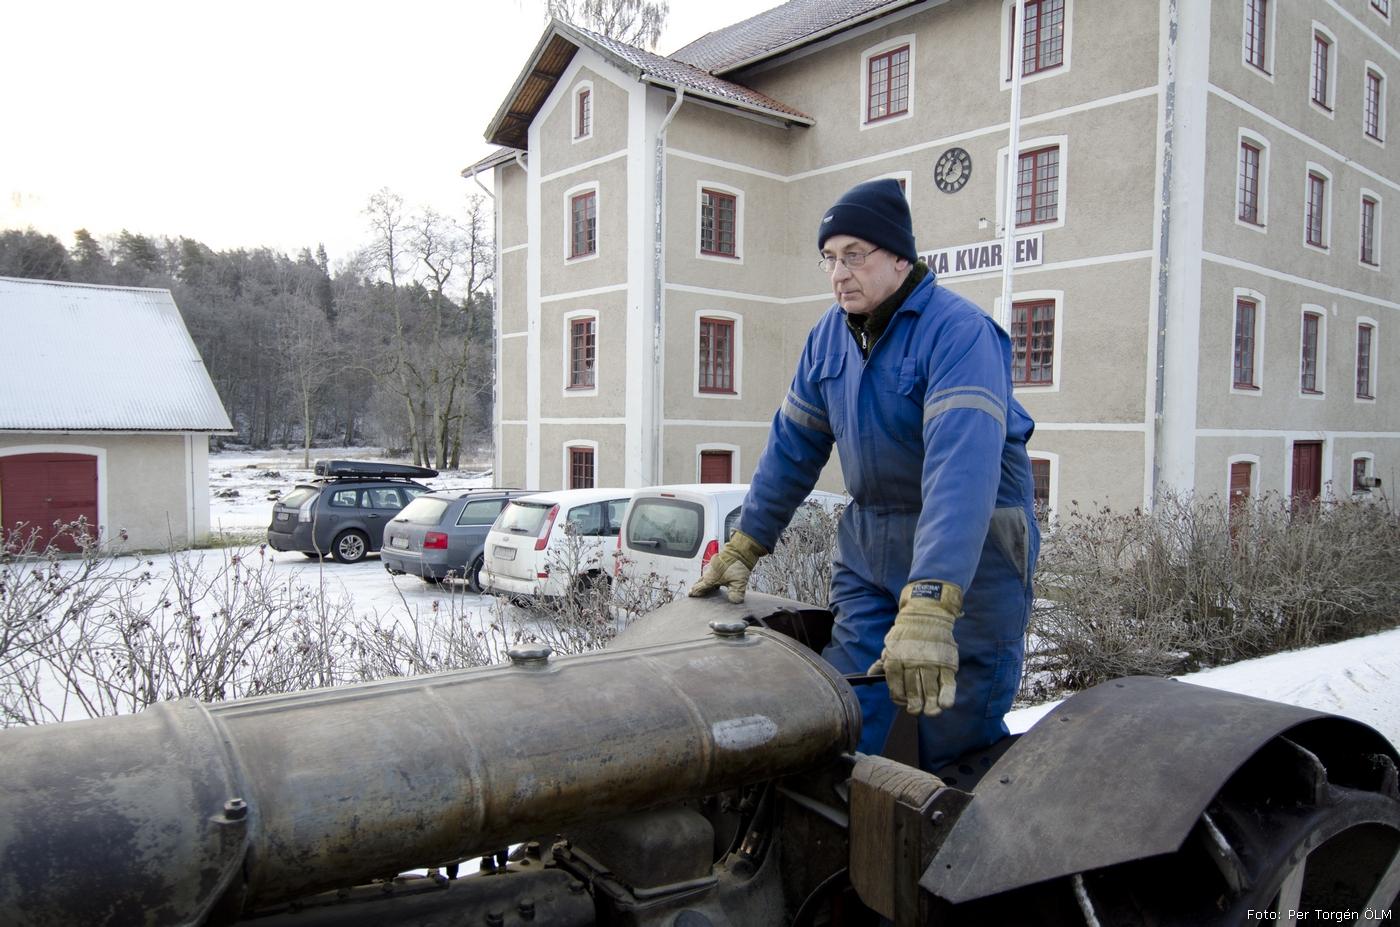 2012-02-10_060_Tekniska_kvarnen